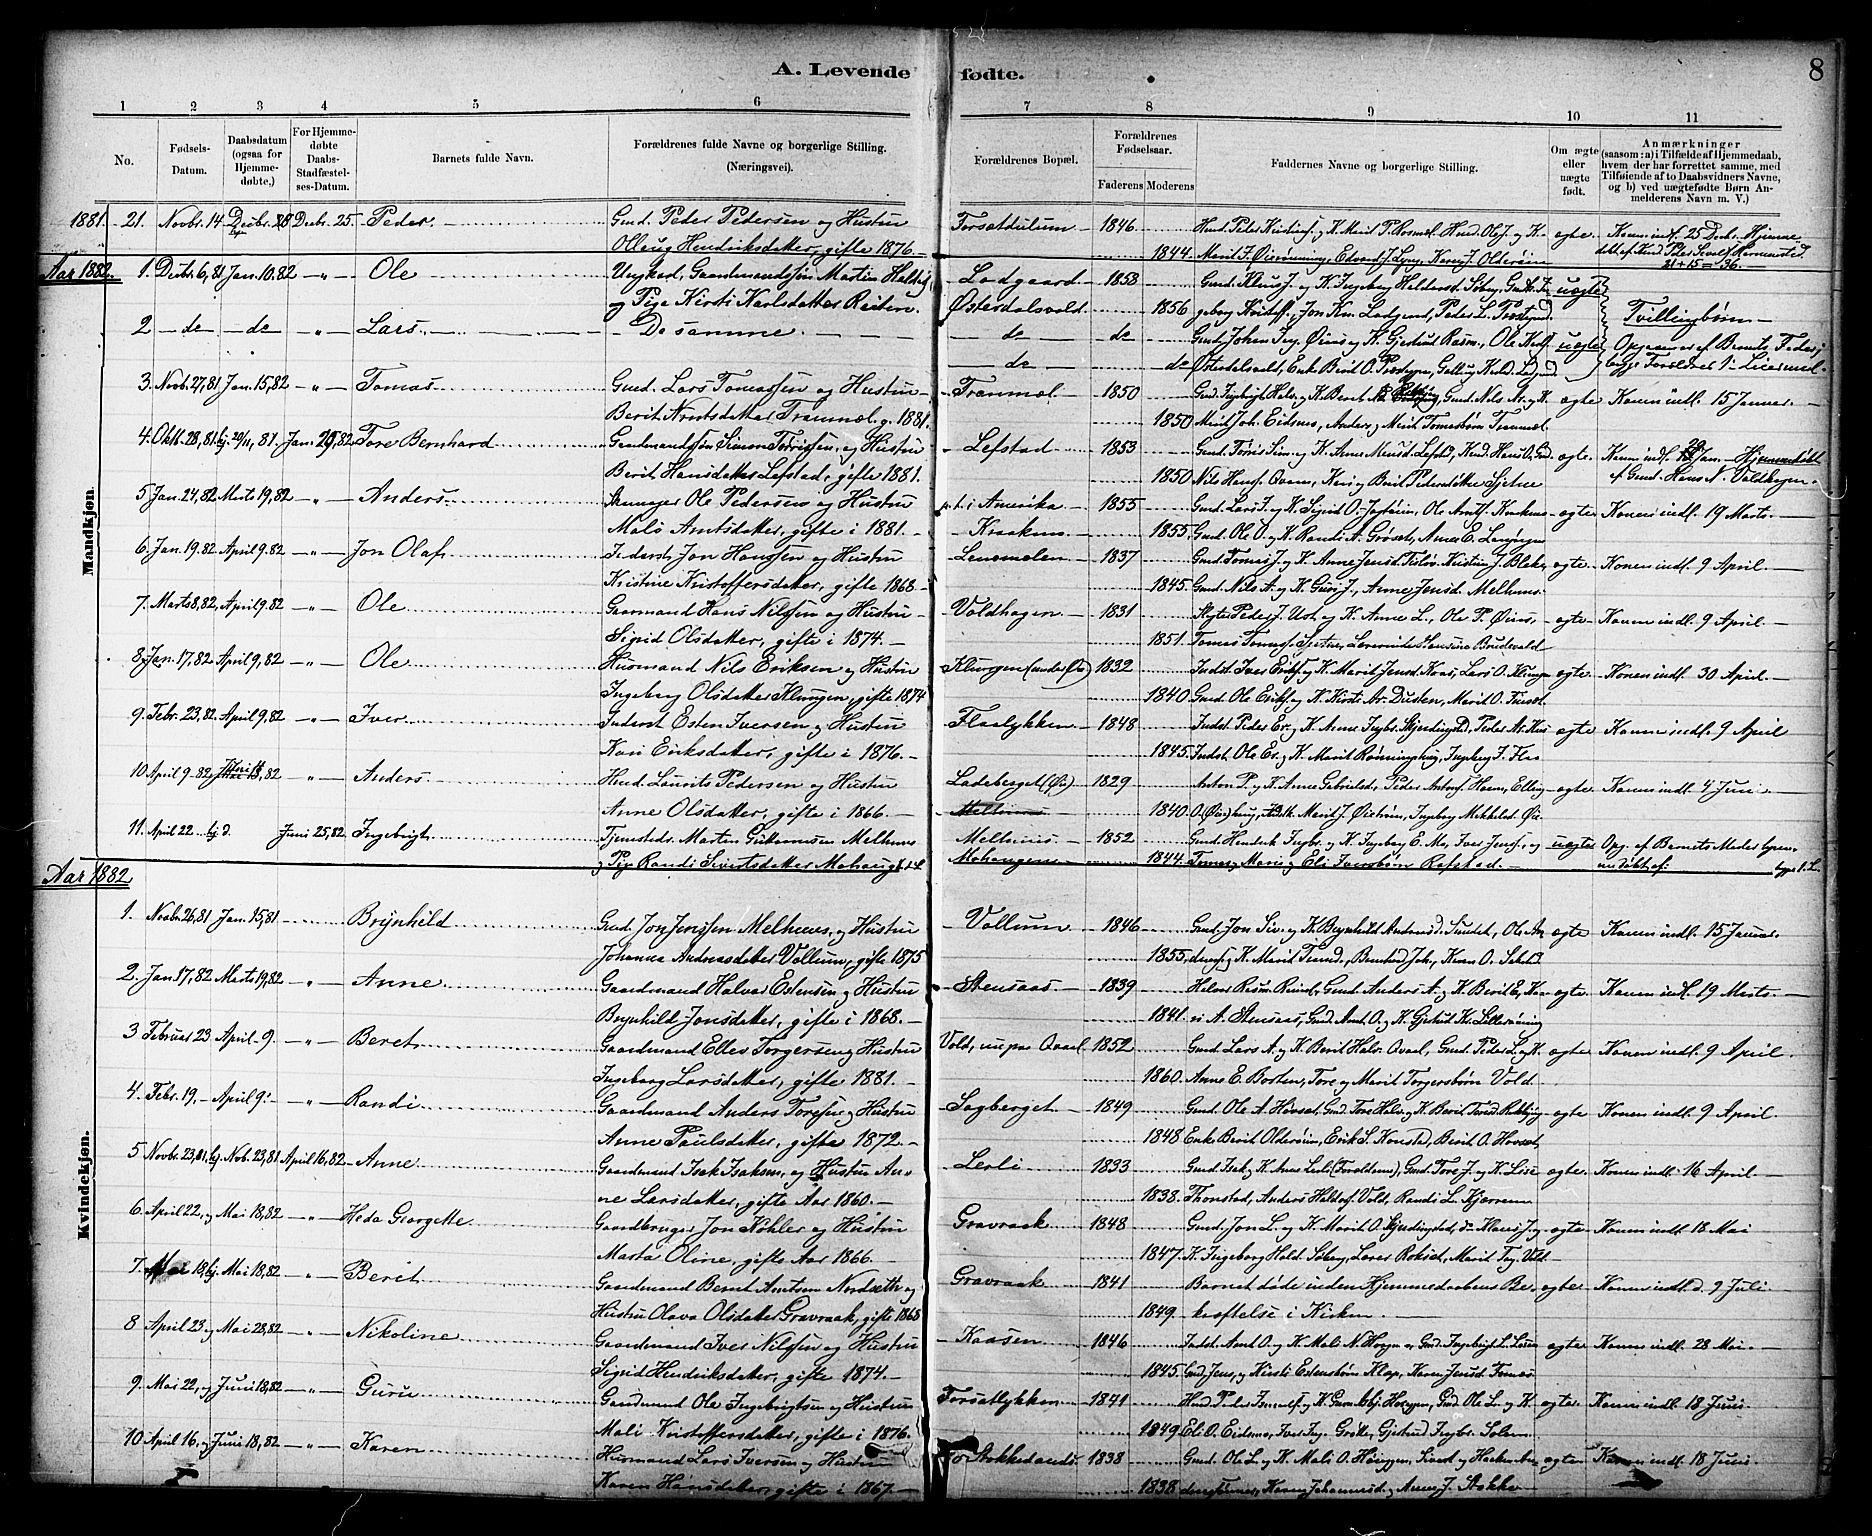 SAT, Ministerialprotokoller, klokkerbøker og fødselsregistre - Sør-Trøndelag, 691/L1094: Klokkerbok nr. 691C05, 1879-1911, s. 8